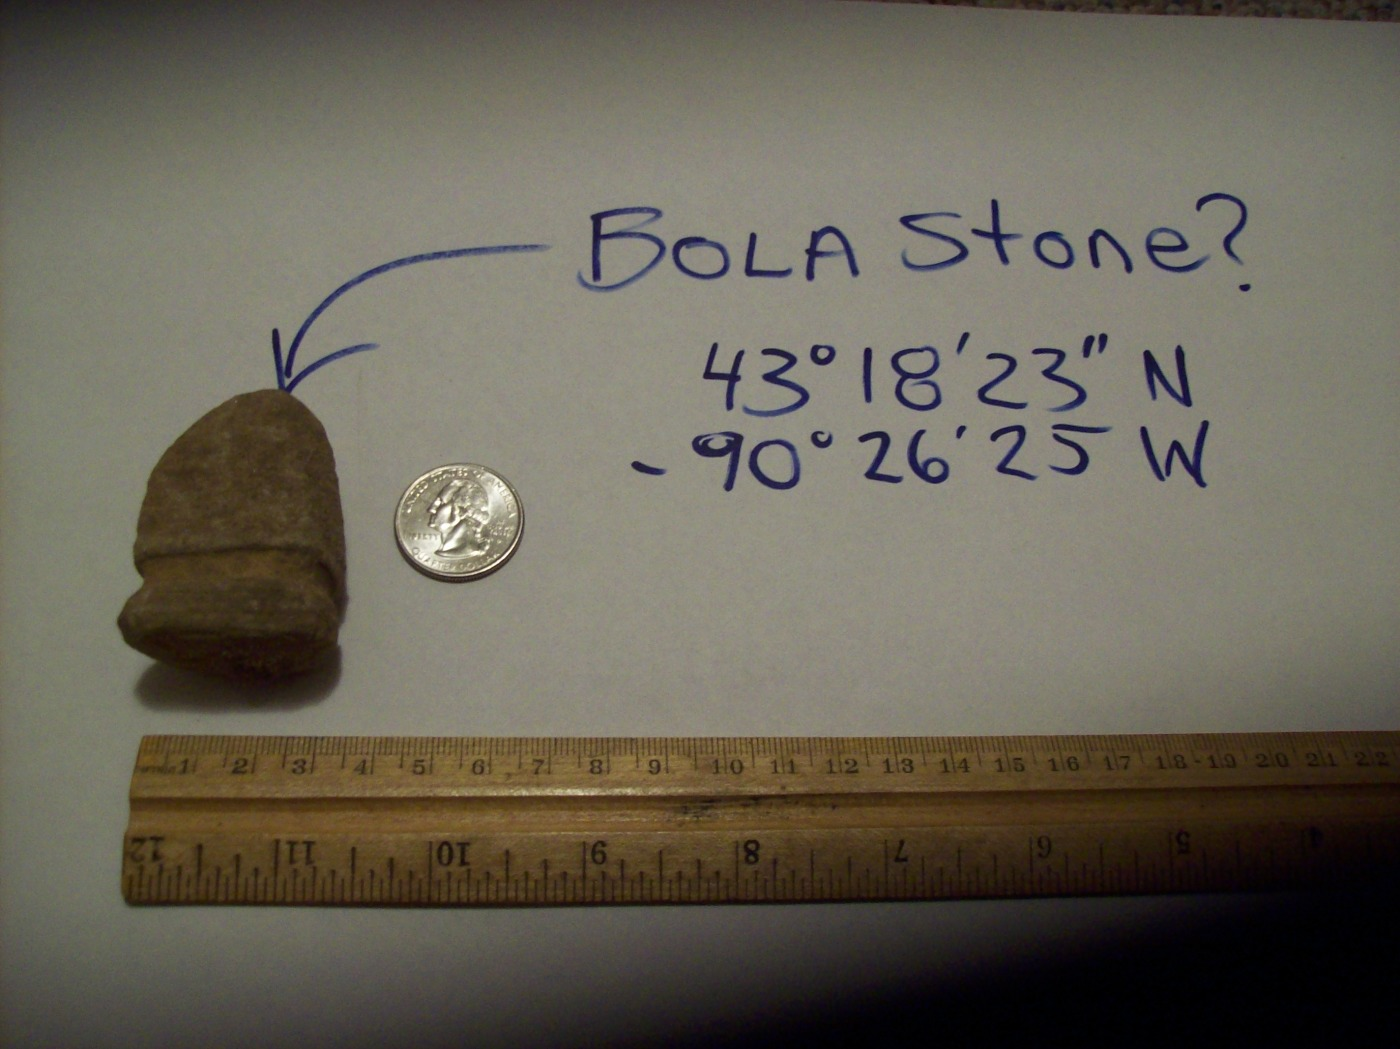 Paleo-Indian Bola Stone?